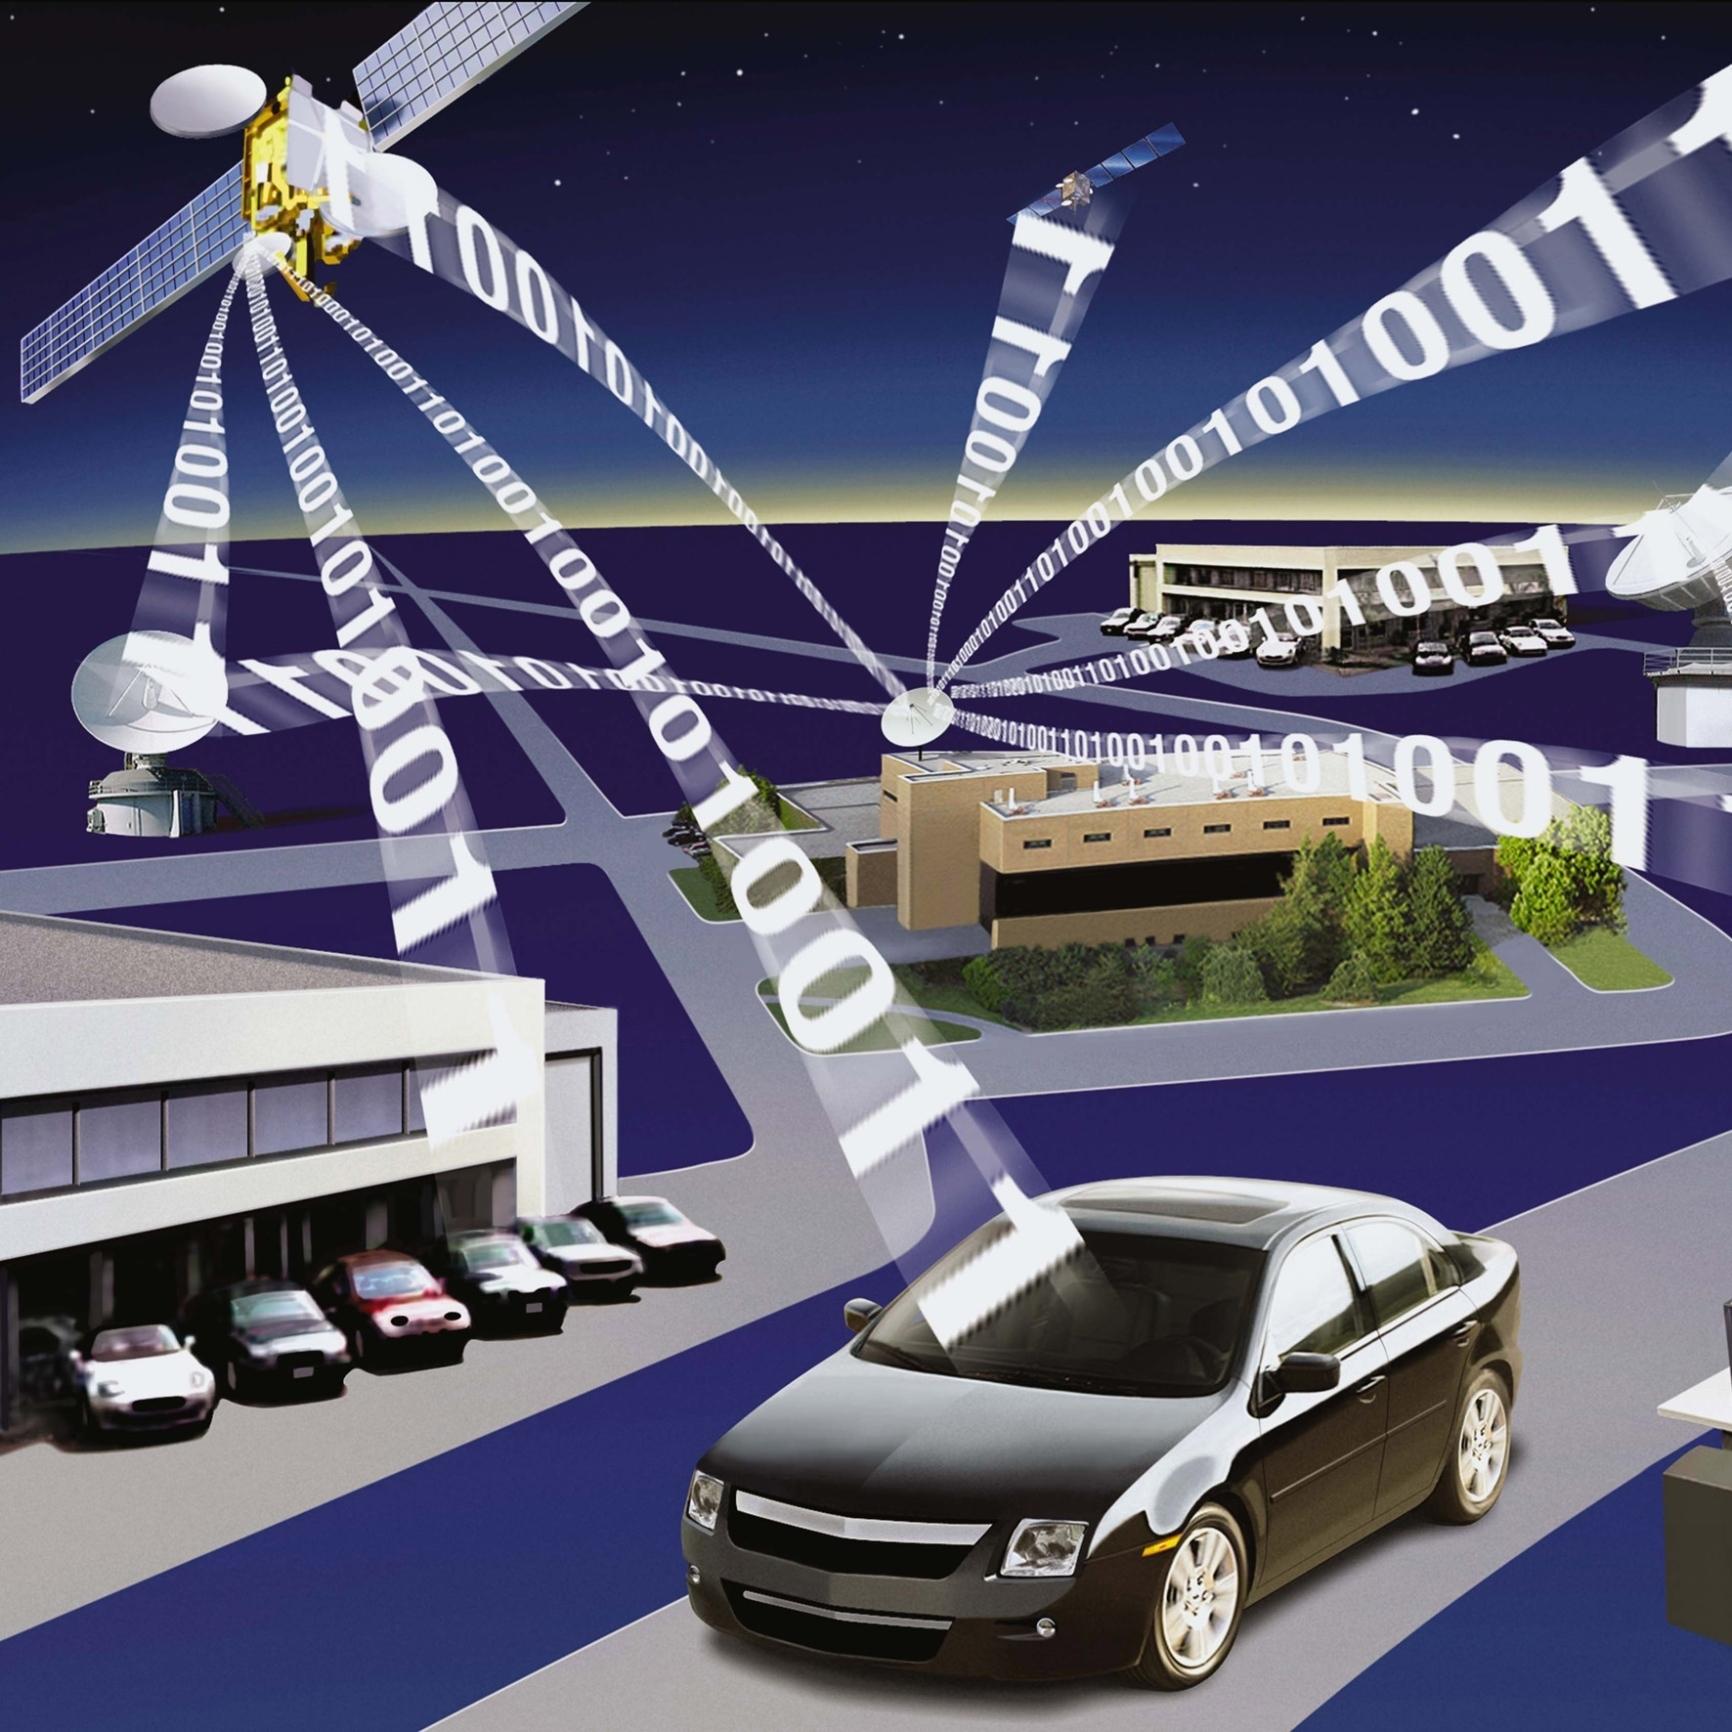 """mid Düsseldorf - Der Automobil-Weltverband FIA hat die Kampagne """"My Car My Data"""" gestartet, um das Bewusstsein für den Schutz sensibler Daten bei vernetzten Autos zu wecken und Lösungen einzufordern."""